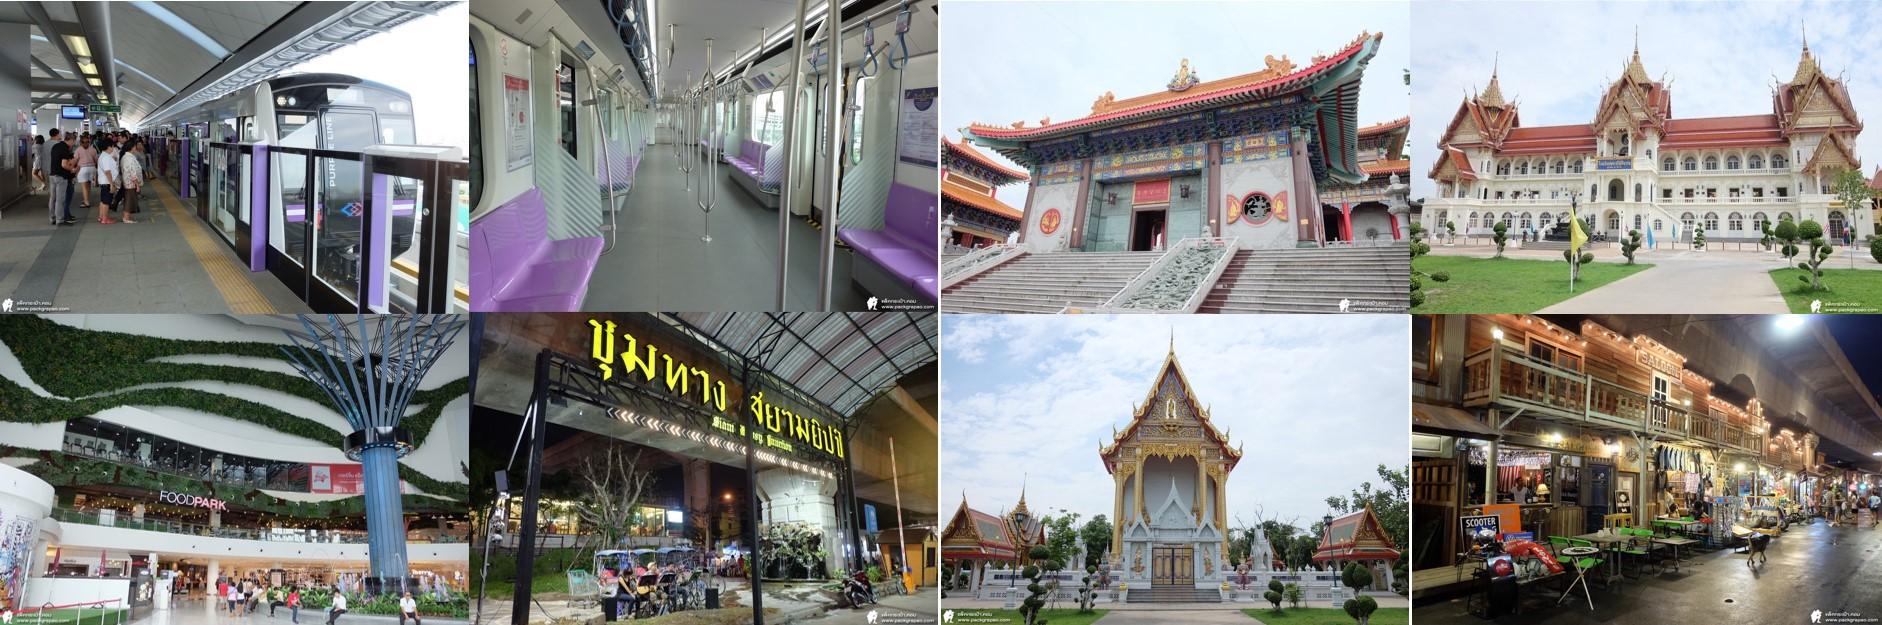 與眾不同的曼谷一日遊:搭曼谷最新紫色線天鐵遊覽曼谷